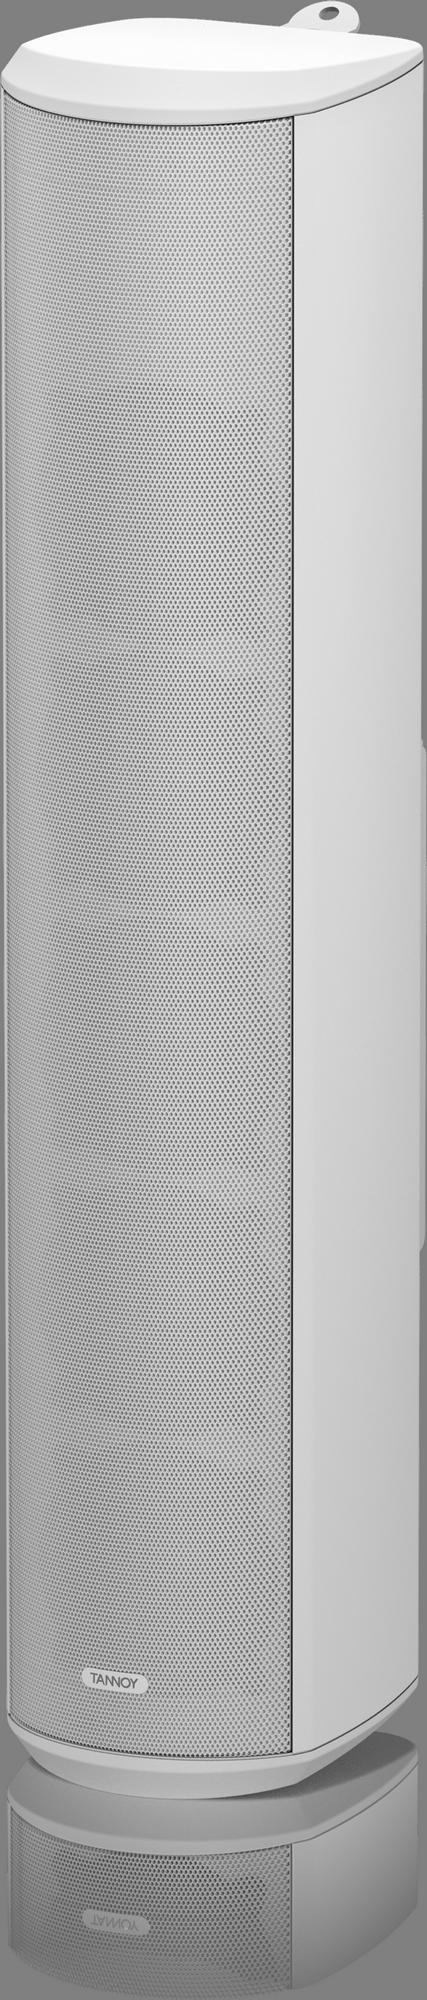 Tannoy  VLS 5-WH - Haut Parleur d'installation